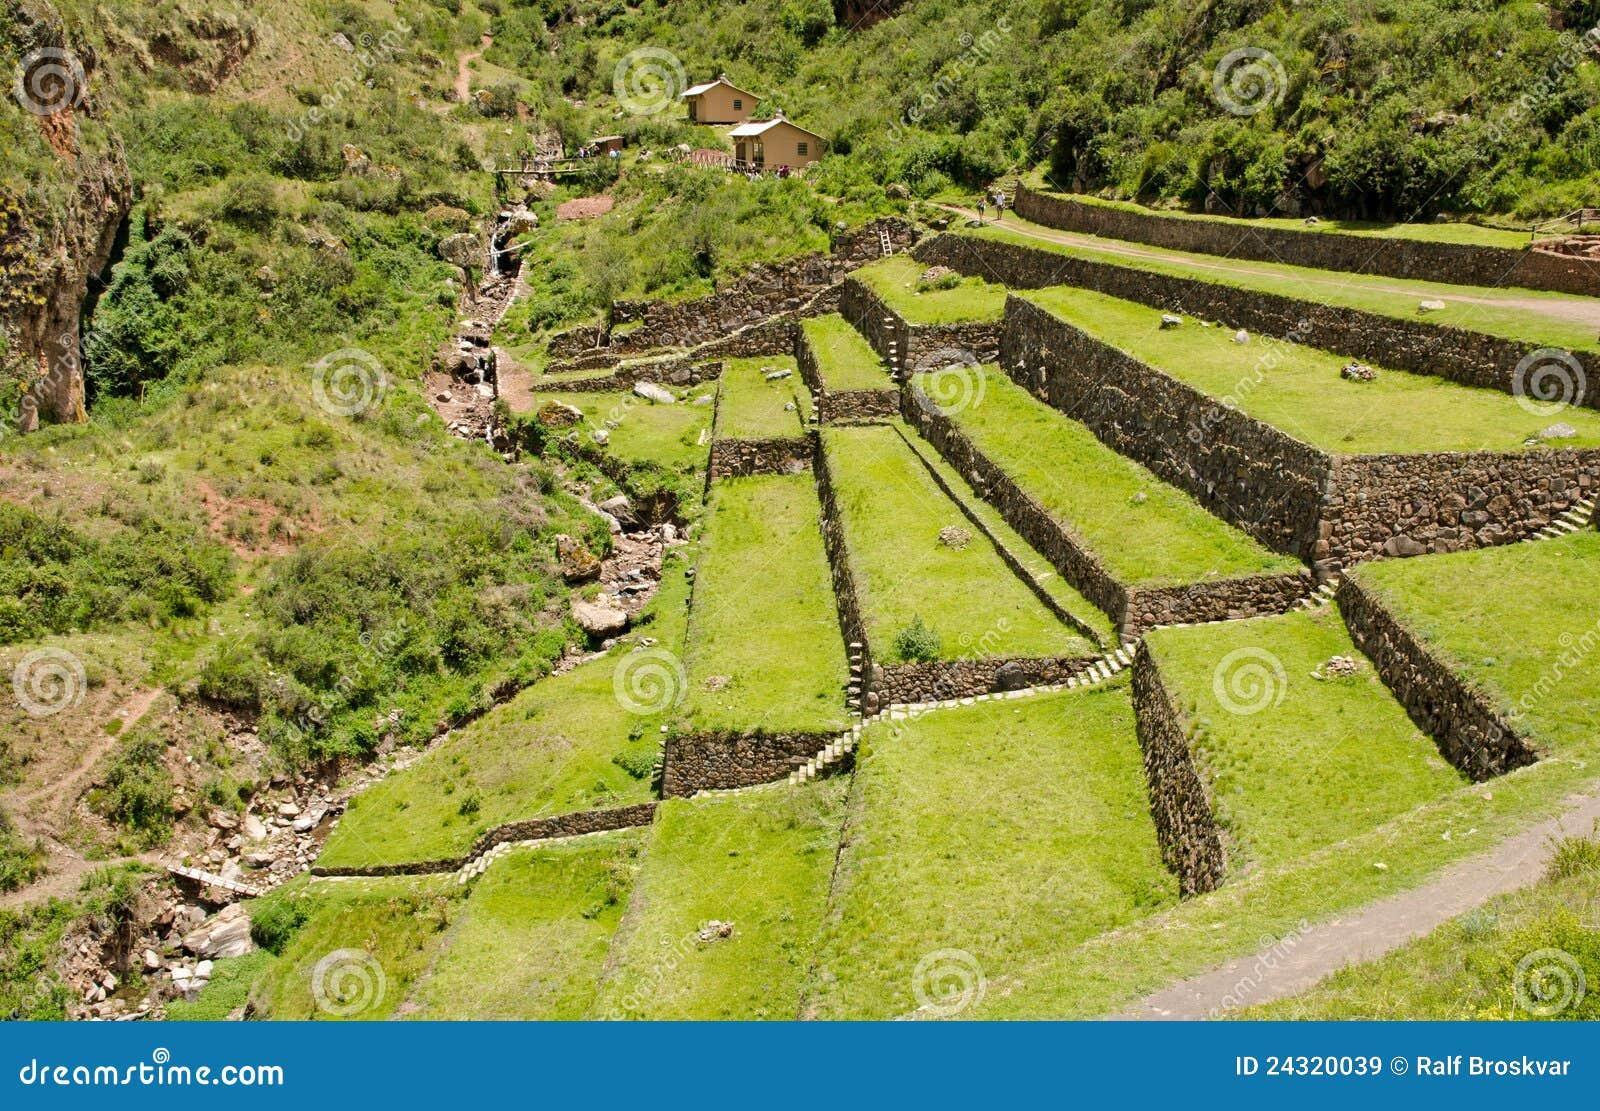 Landbouw terrassen bij de inca plaats pisac peru royalty vrije stock afbeeldingen beeld 24320039 - Afbeeldingen van terrassen verwachten ...